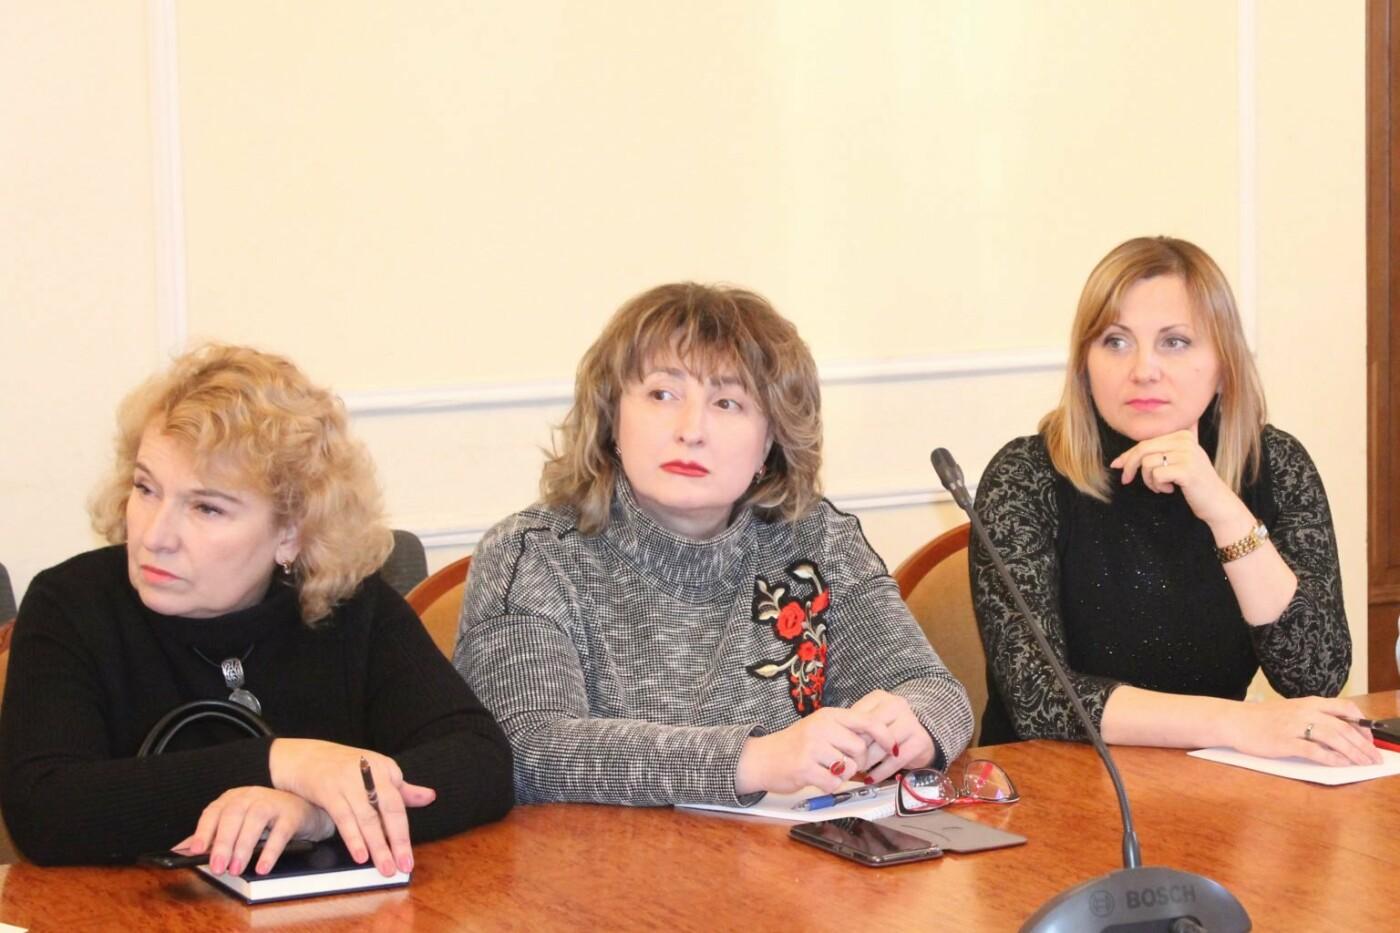 Заступник Міністра освіти і науки України відвідав виші Кам'янця-Подільського, фото-7, Фото: Хмельницька ОДА